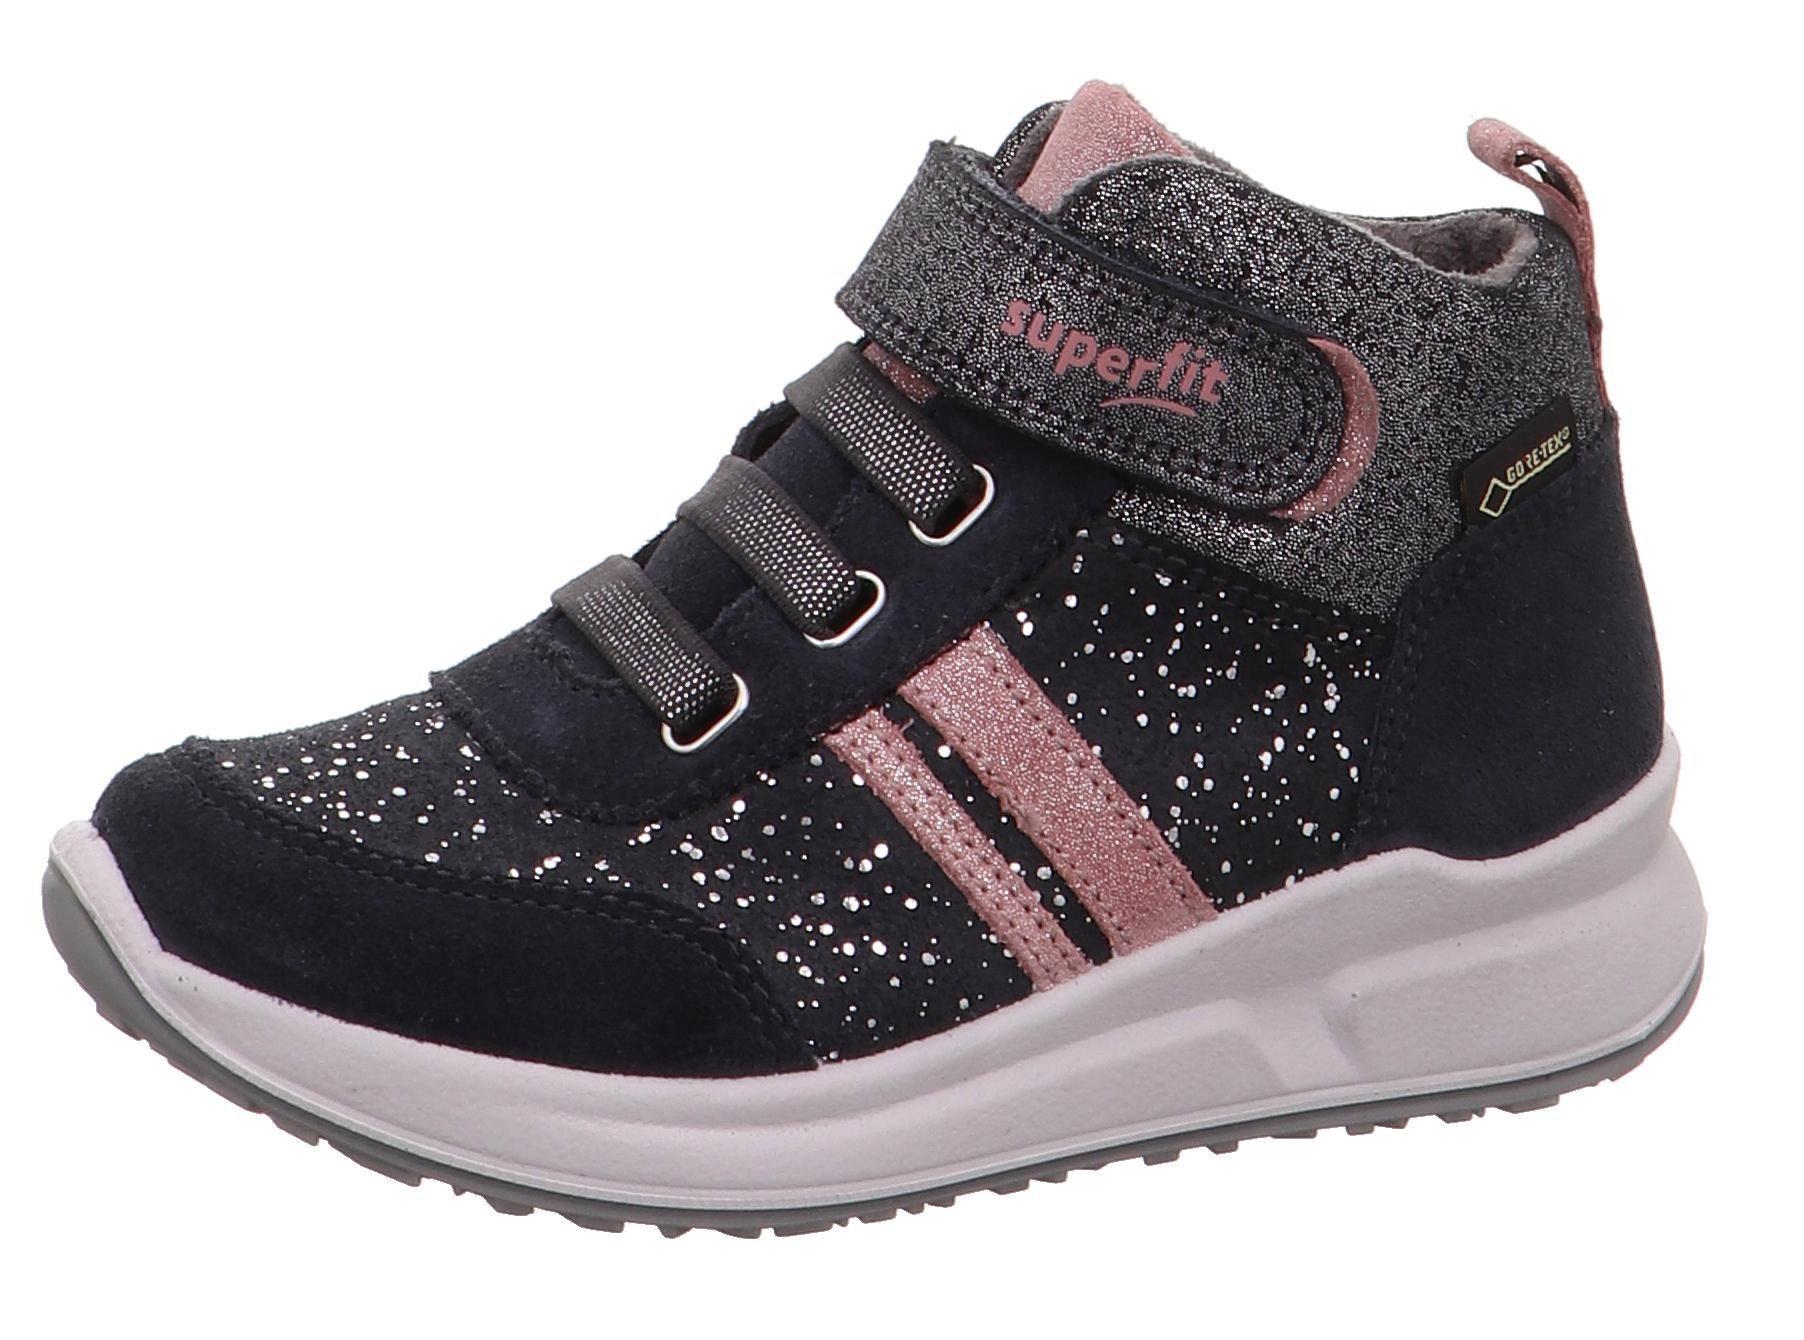 Superfit »Merida« Sneaker Mit Weiten Meßsystem M IV, Halbhoher Sneaker mit GORE TEX online kaufen | OTTO